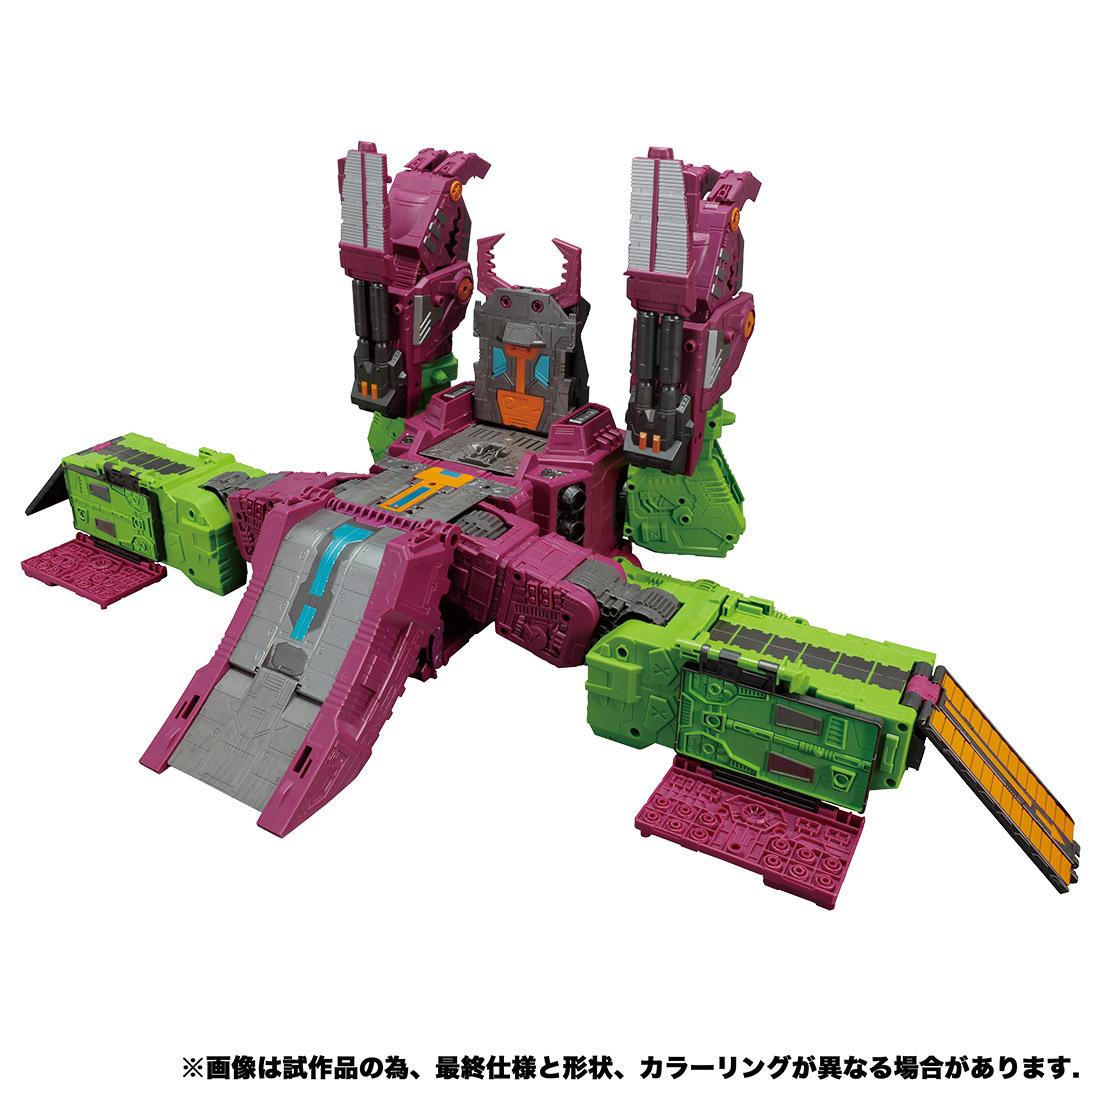 トランスフォーマー アースライズ『ER-10 スコルポノック』可変可動フィギュア-003